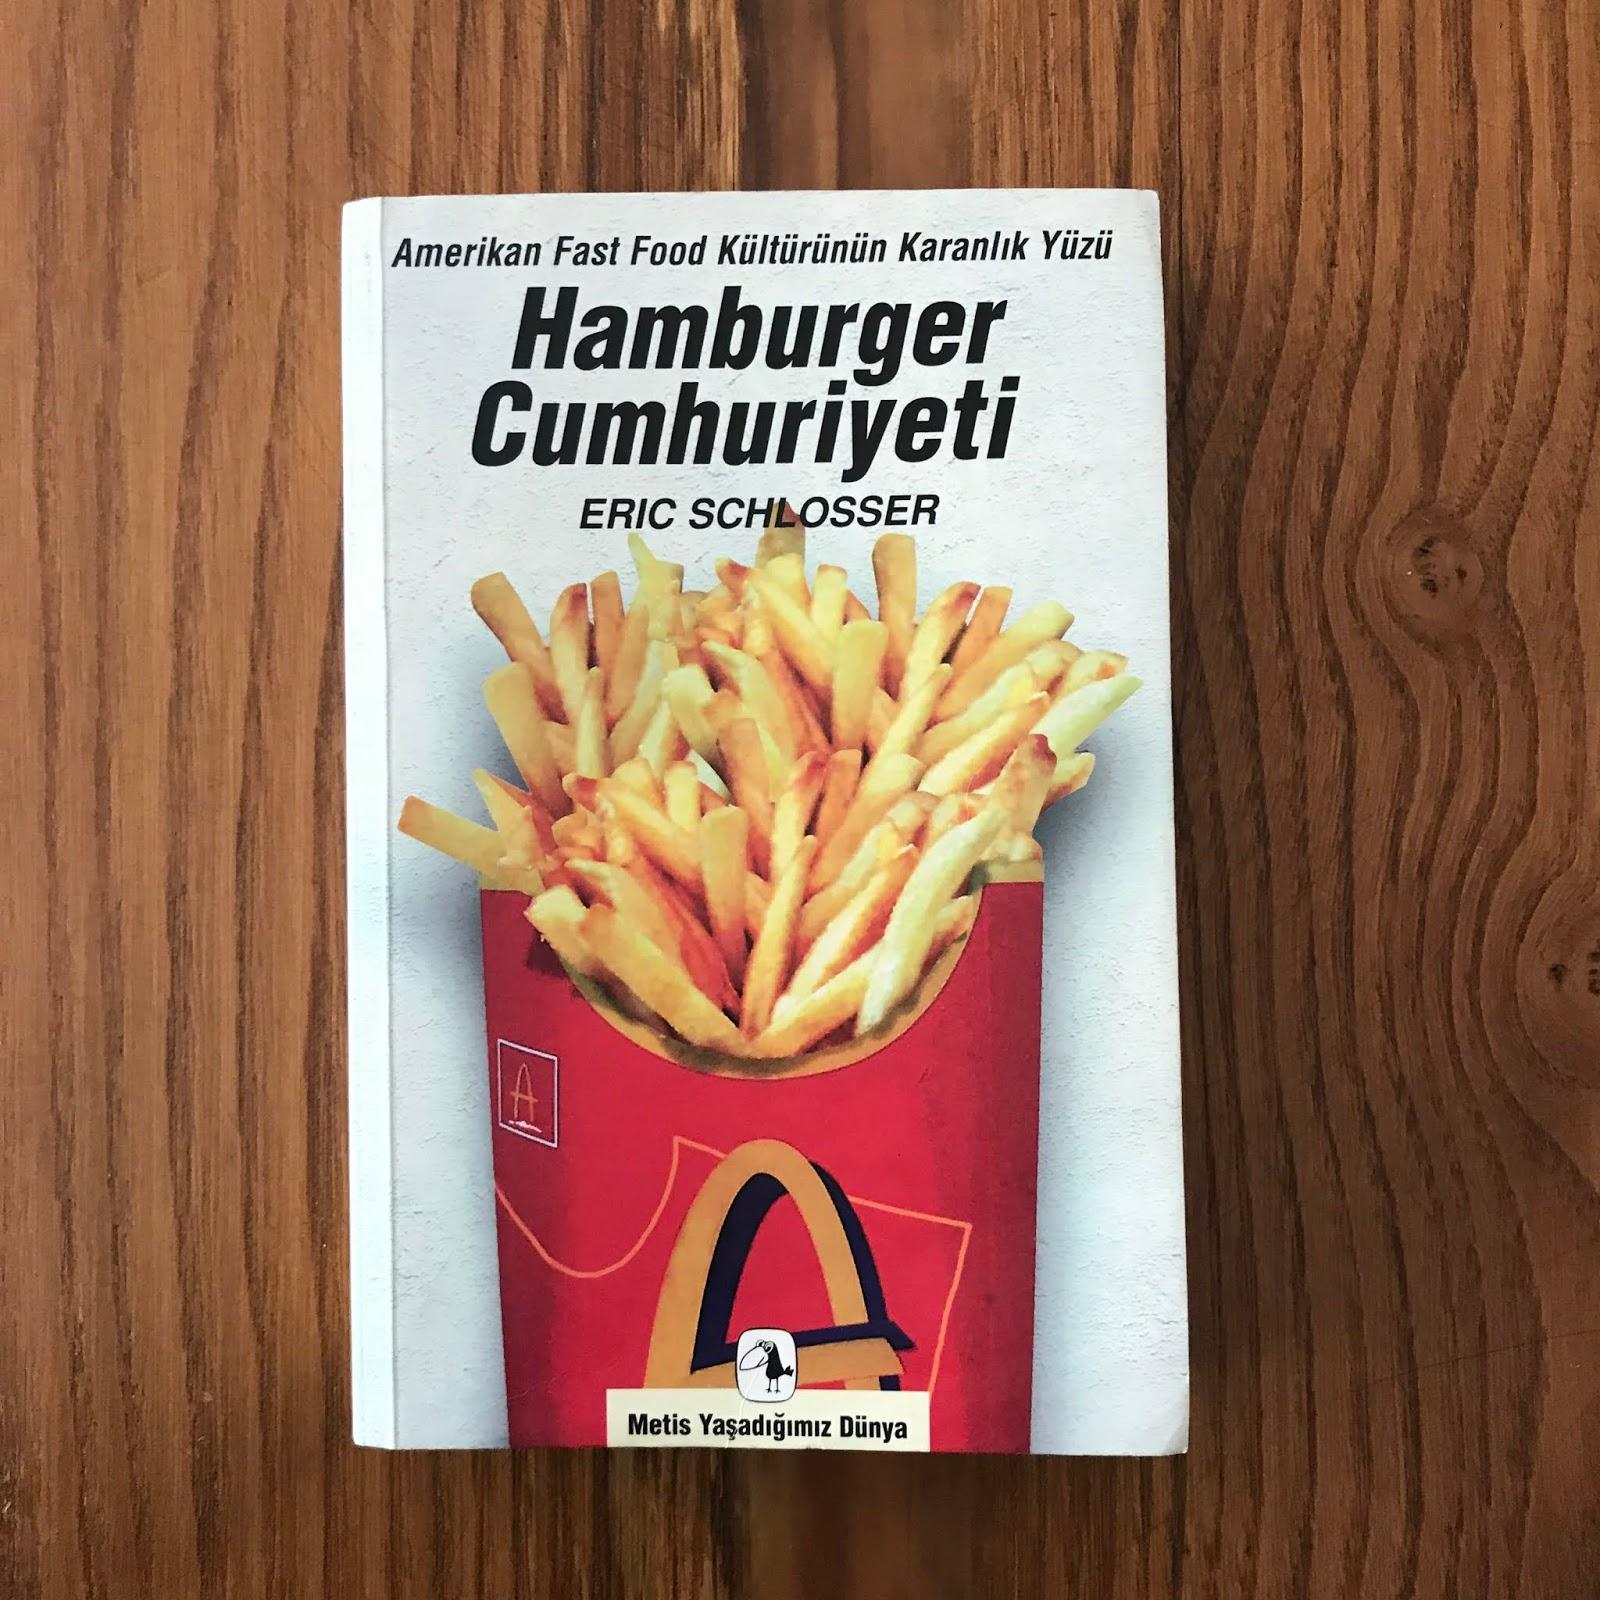 Hamburger Cumhuriyeti - Amerikan Fast Food Kulturunun Karanlik Yuzu (Kitap)